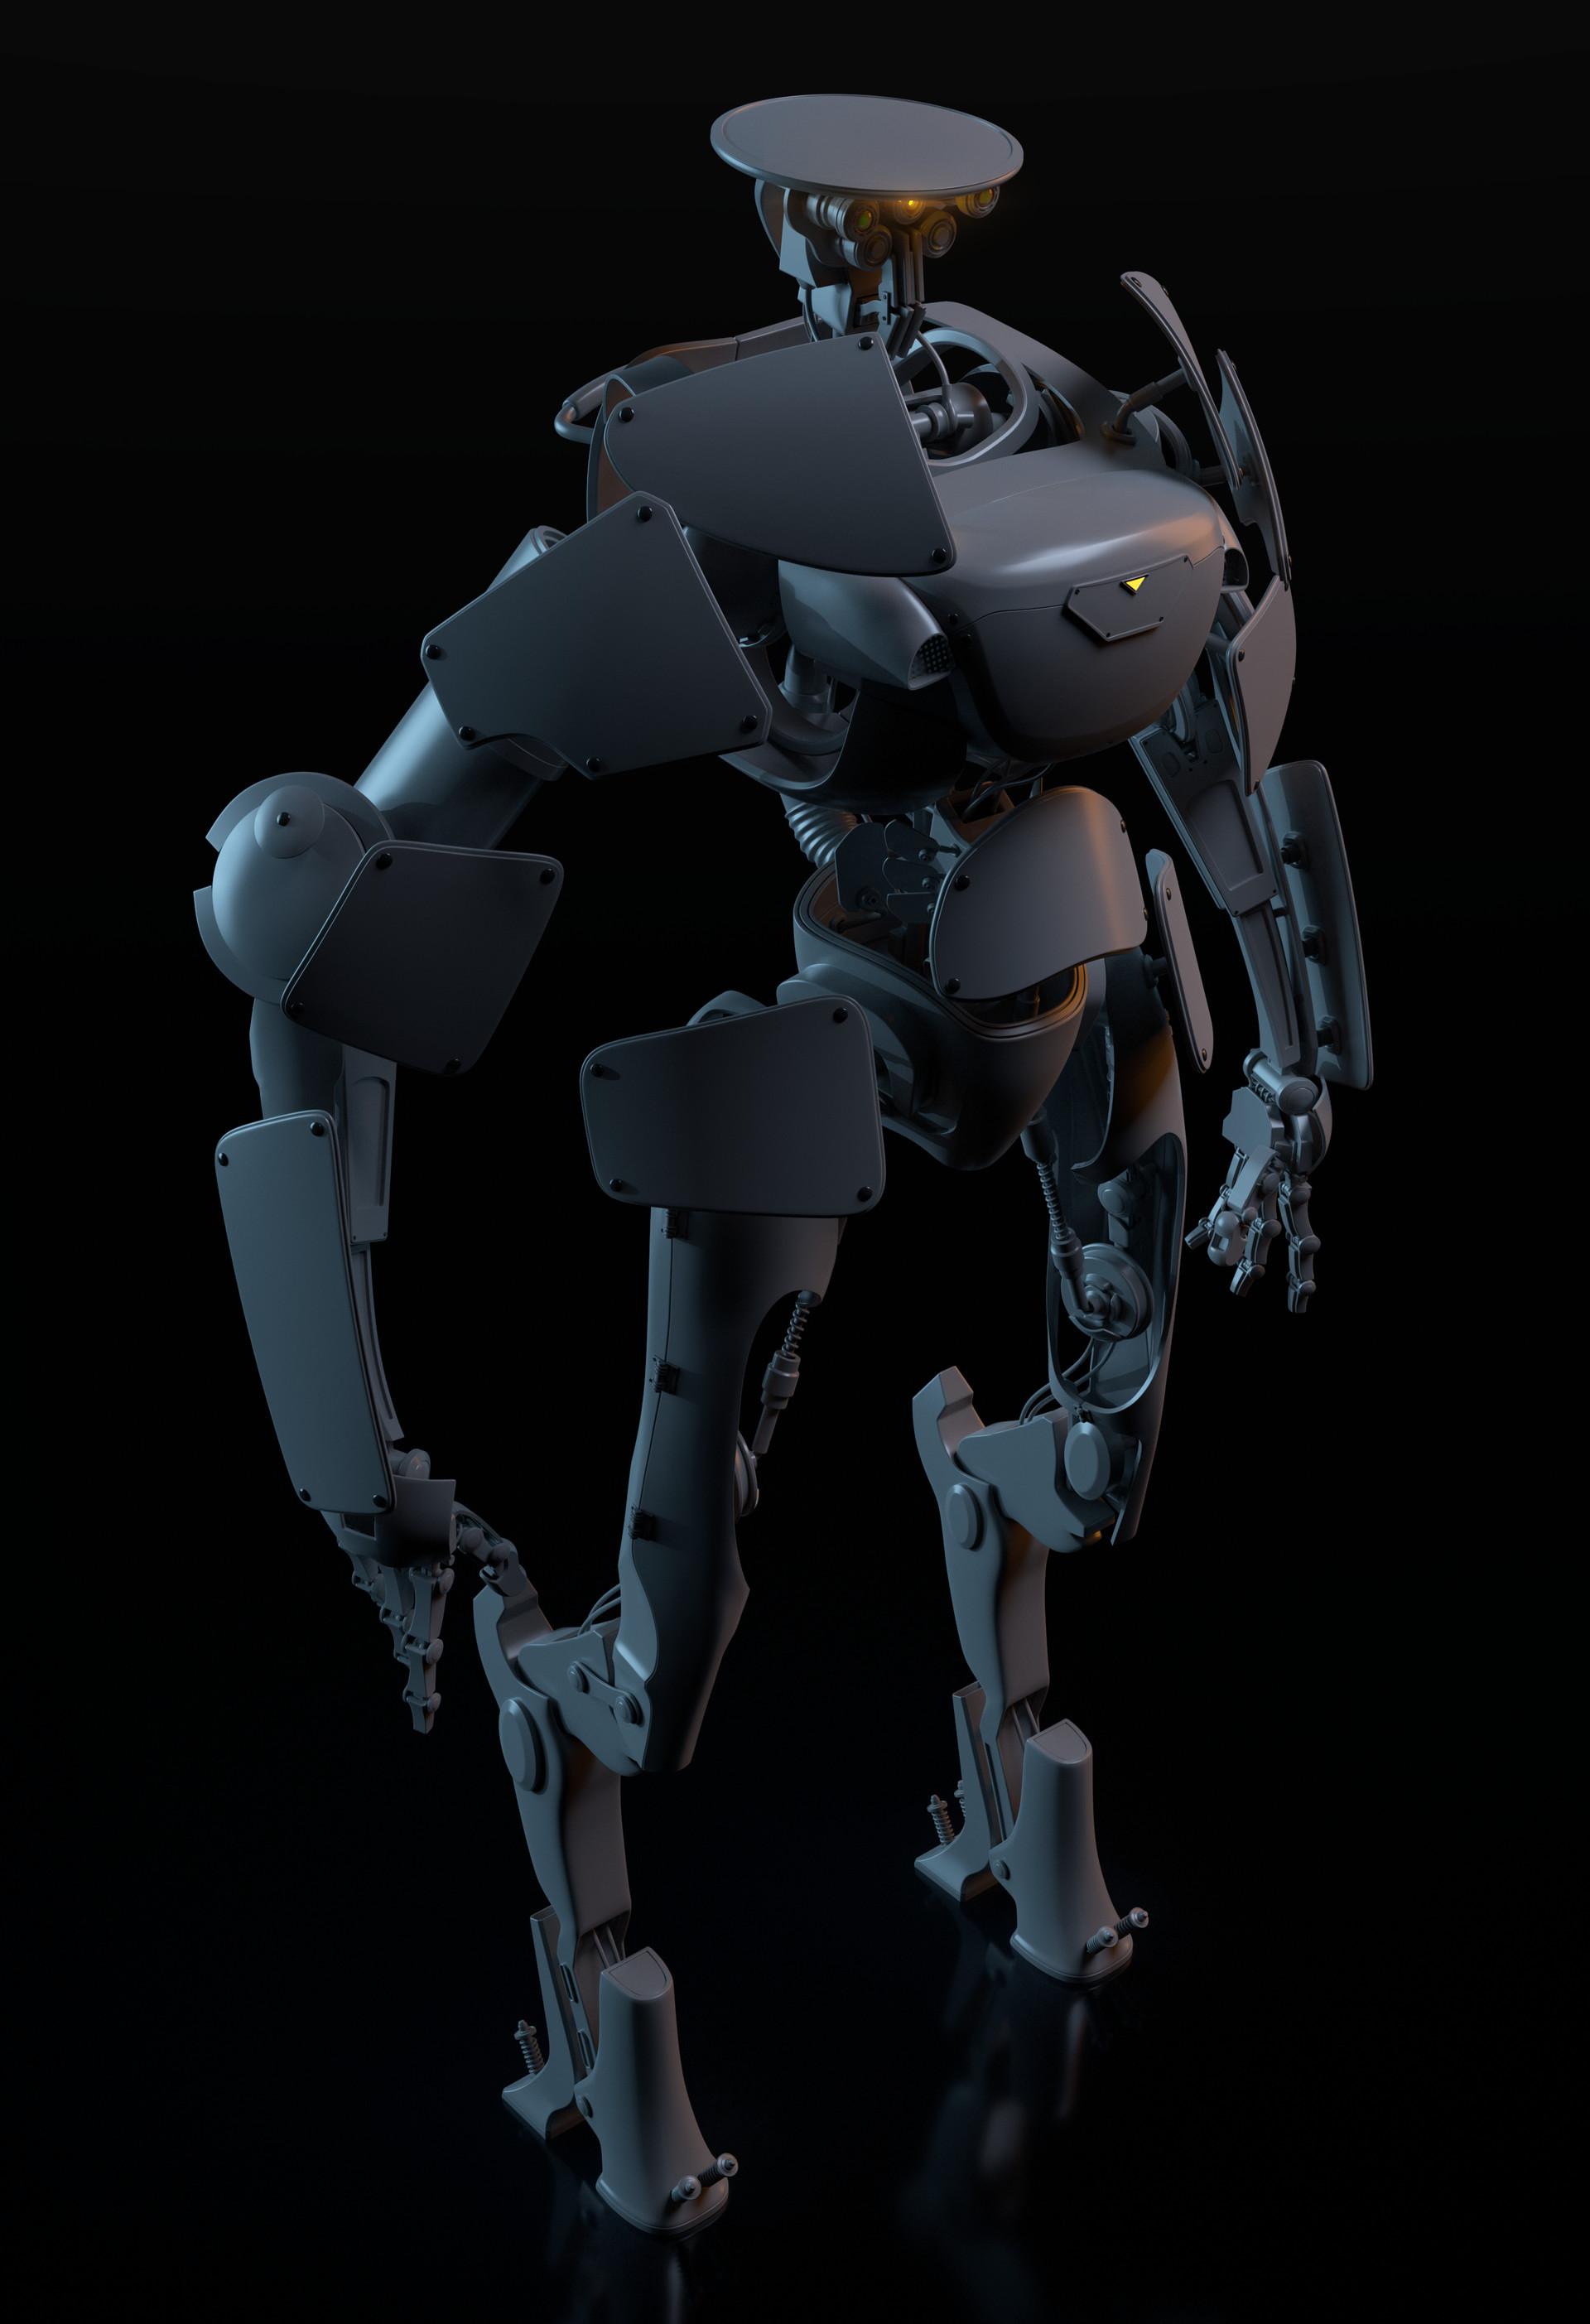 Alec hunstx robot topcomp